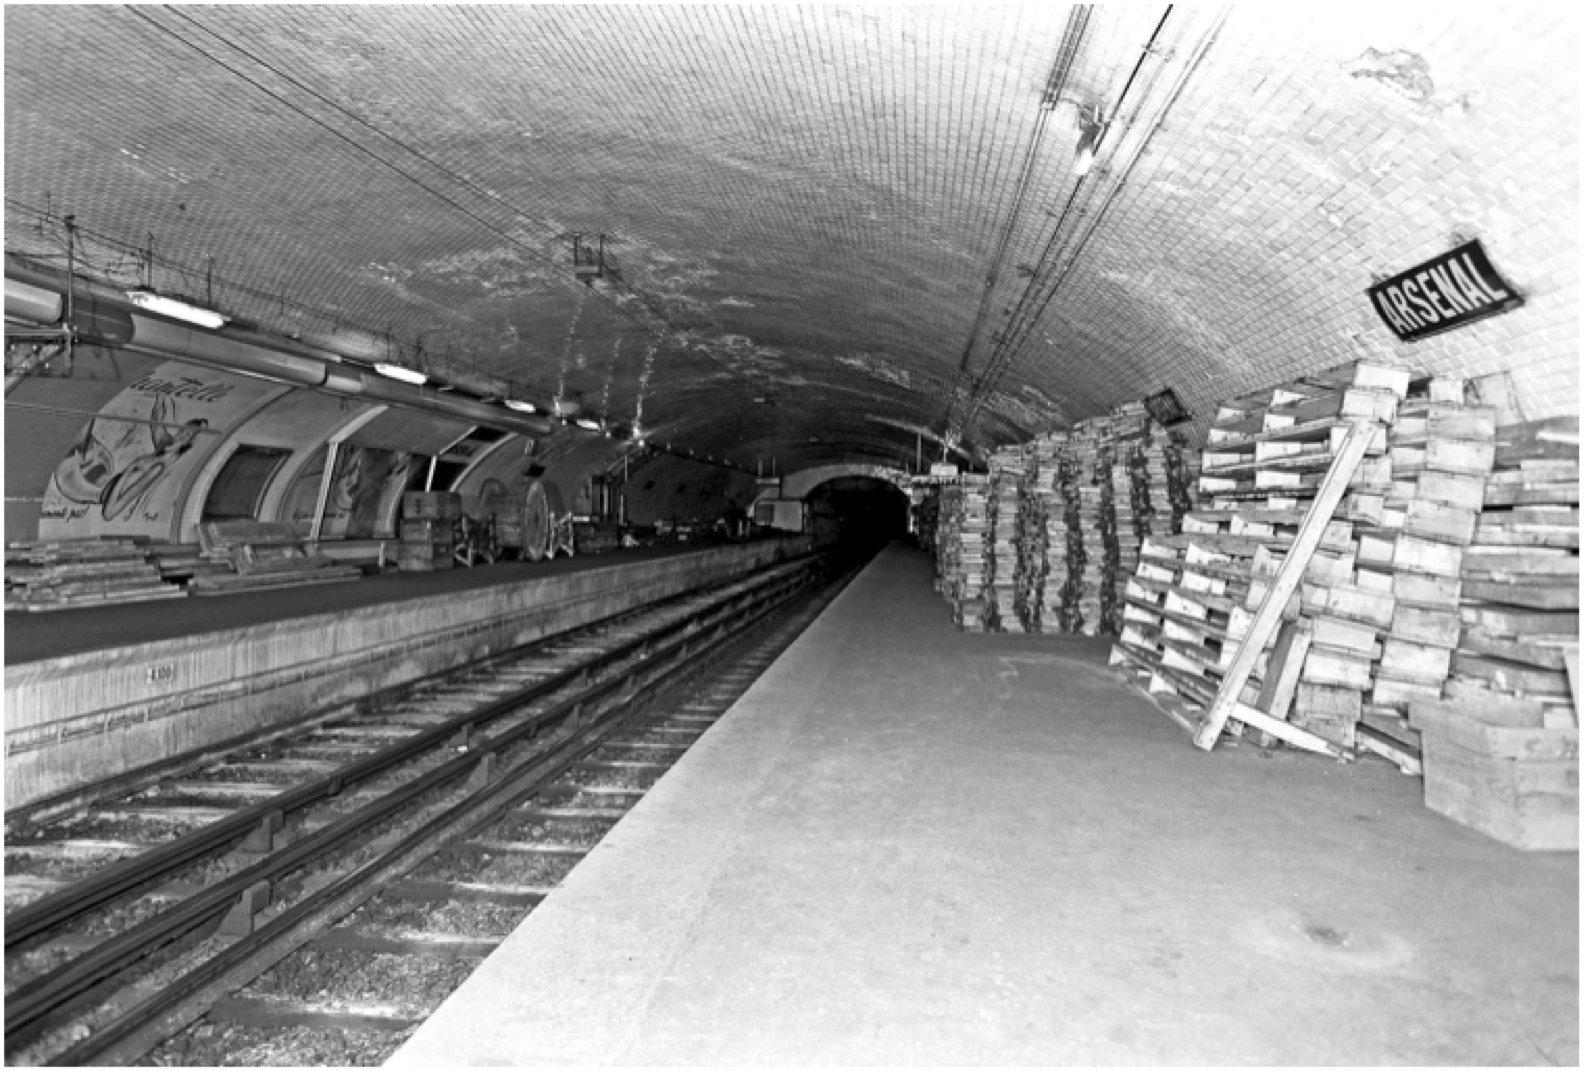 Der Pariser Bahnhof Arsenal dient heute als Lager. Er wurde 1906 in Betrieb genommen und 1939 geschlossen. Am Beispiel dieser Station haben zwei Pariser Architekten durchgespielt, was man aus einer stillgelegten Station machen kann.